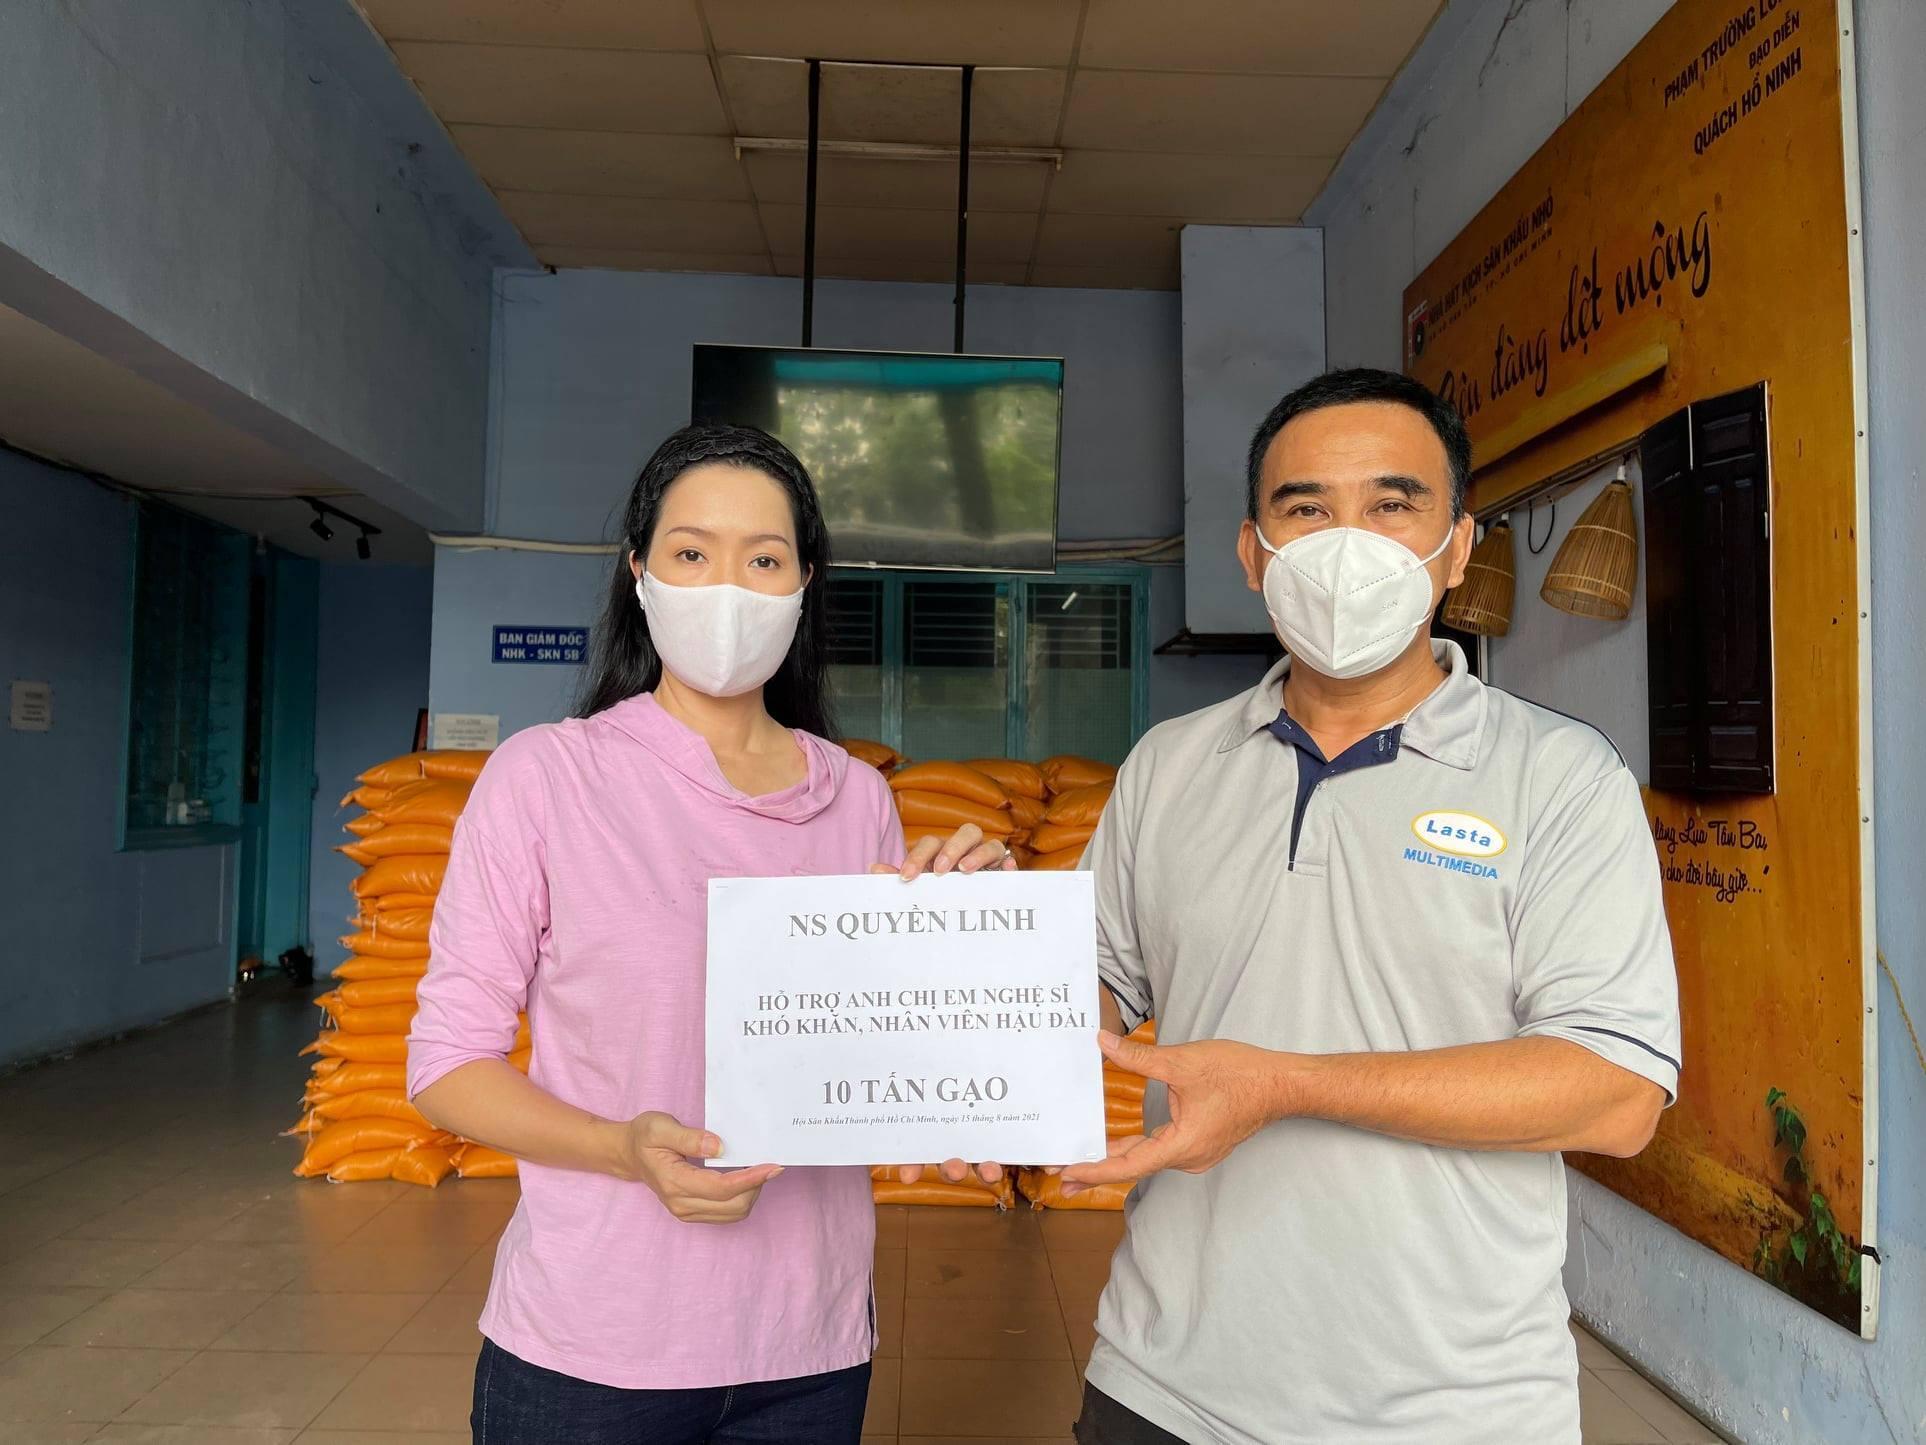 Trịnh Kim Chi đại diện Hội Sân khấu TP.HCM nhận 10 tấn gạo từ Quyền Linh.